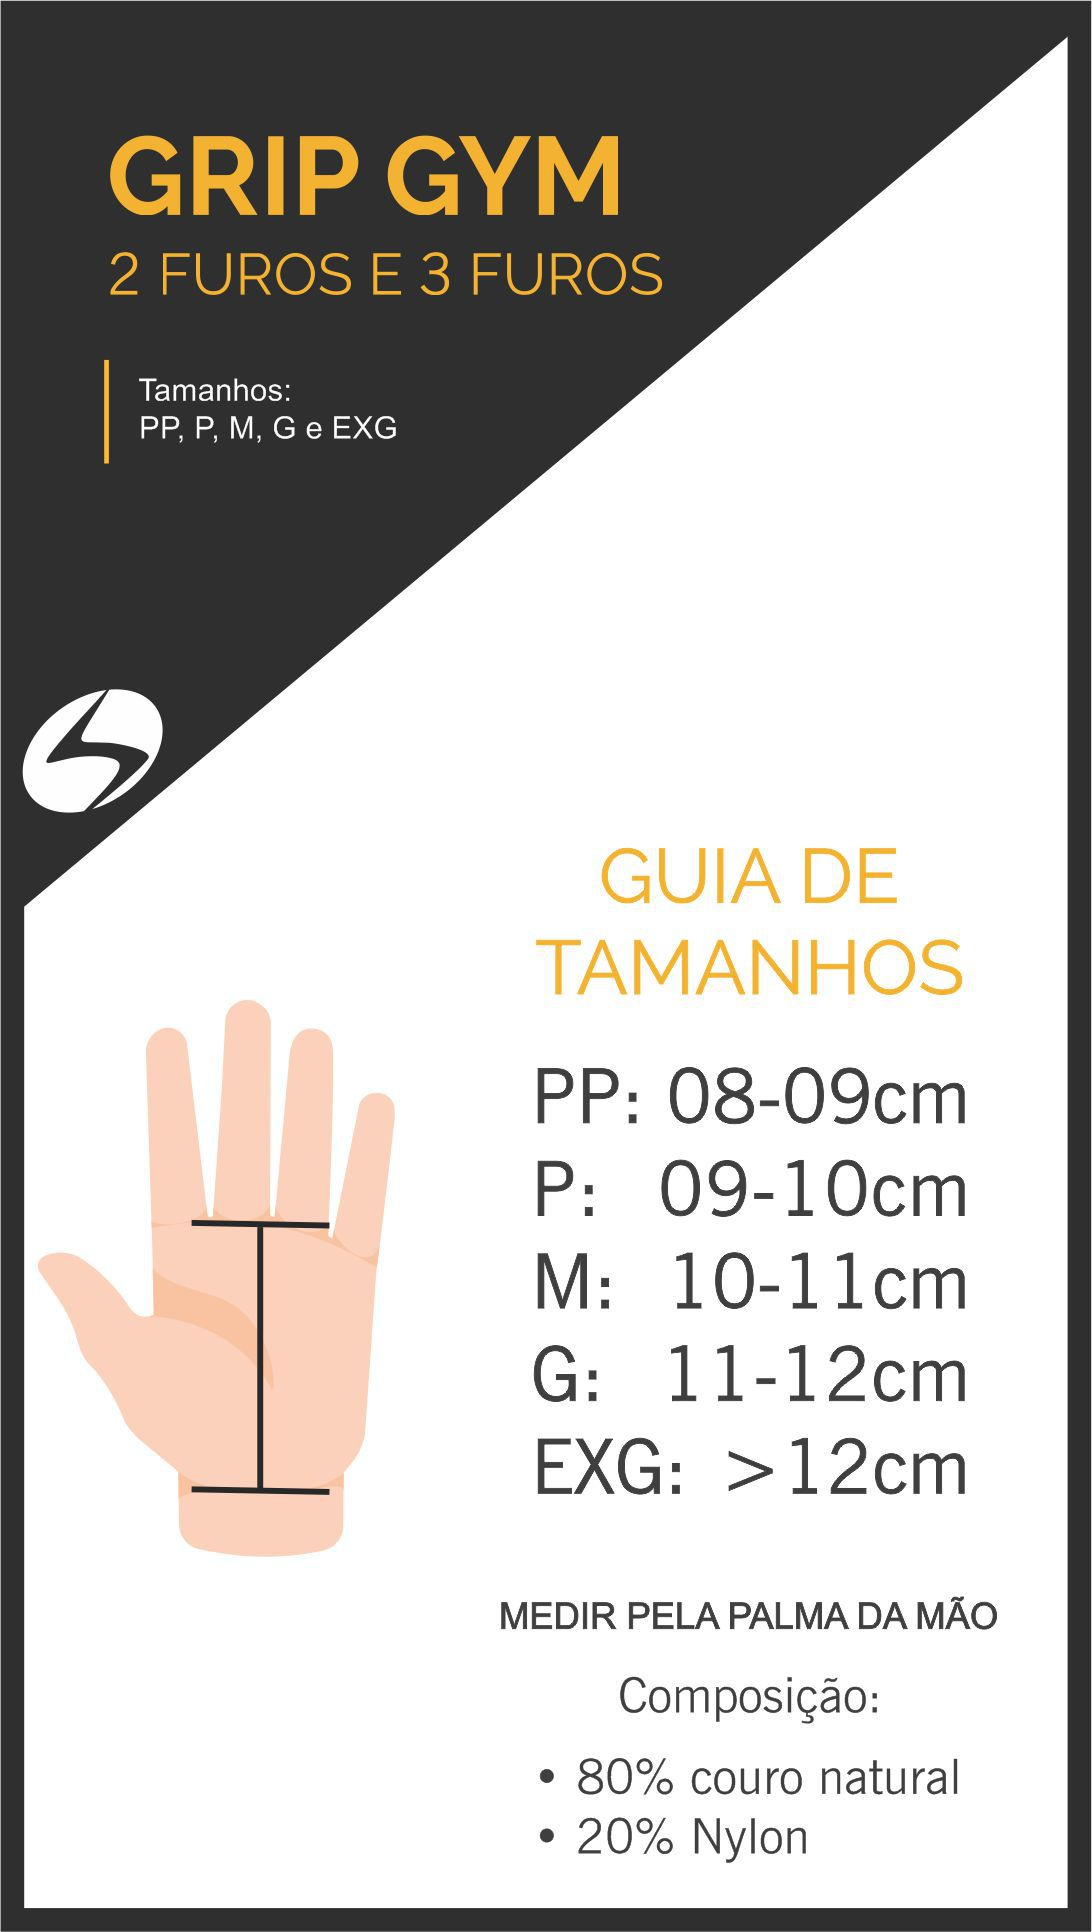 Grip Gym Export 2.0 - Hand Grip - Crossfit - Vermelho